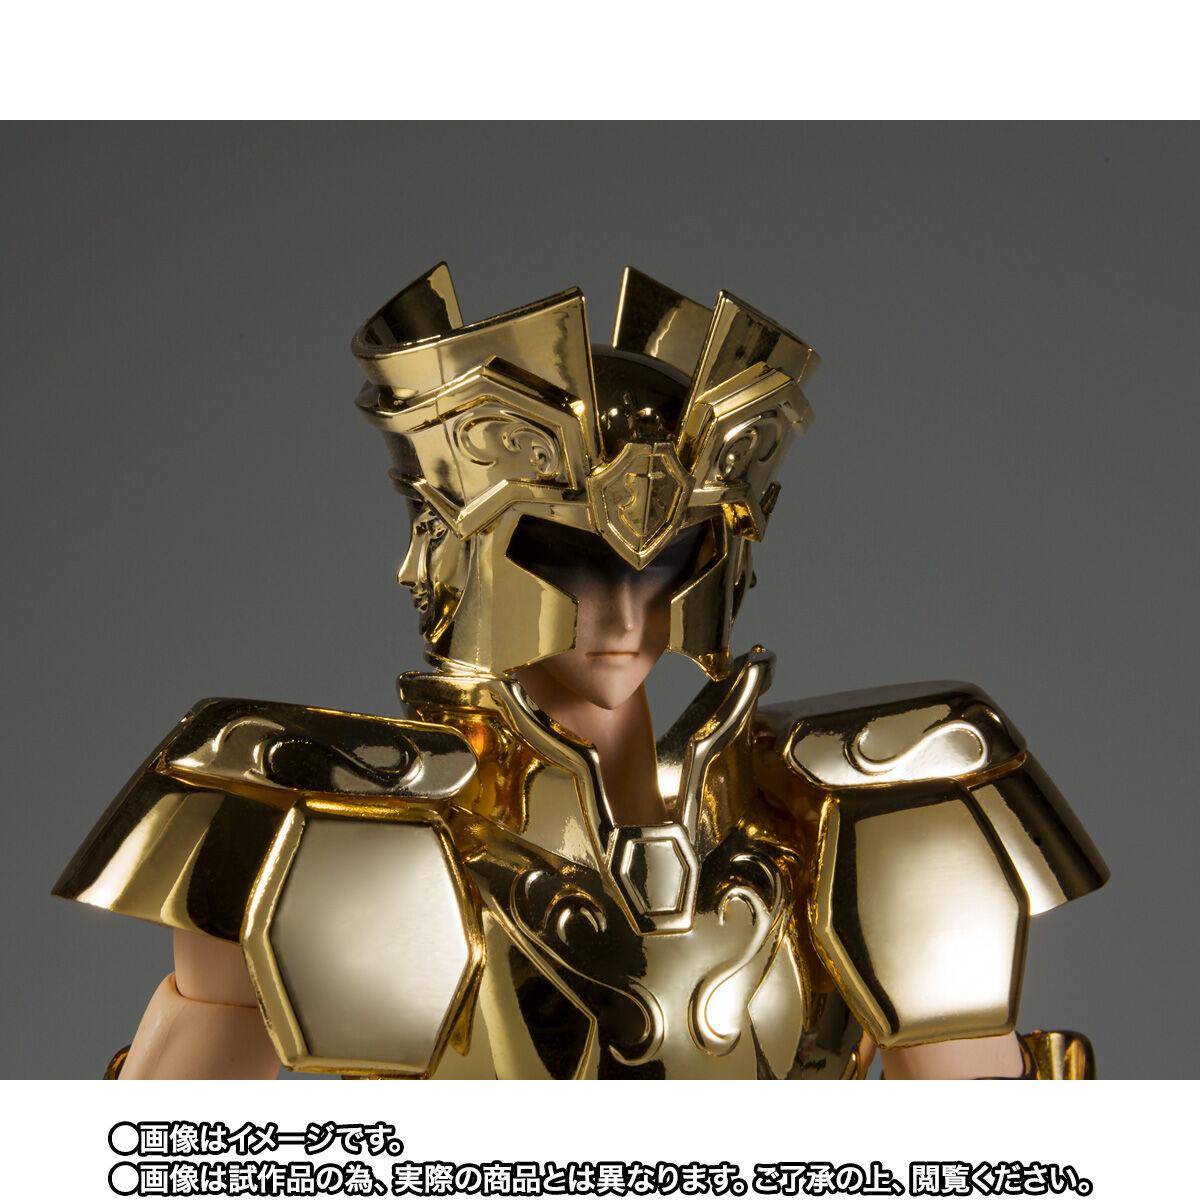 【限定販売】聖闘士聖衣神話EX『ジェミニ サガ GOLD24』聖闘士星矢 可動フィギュア-006